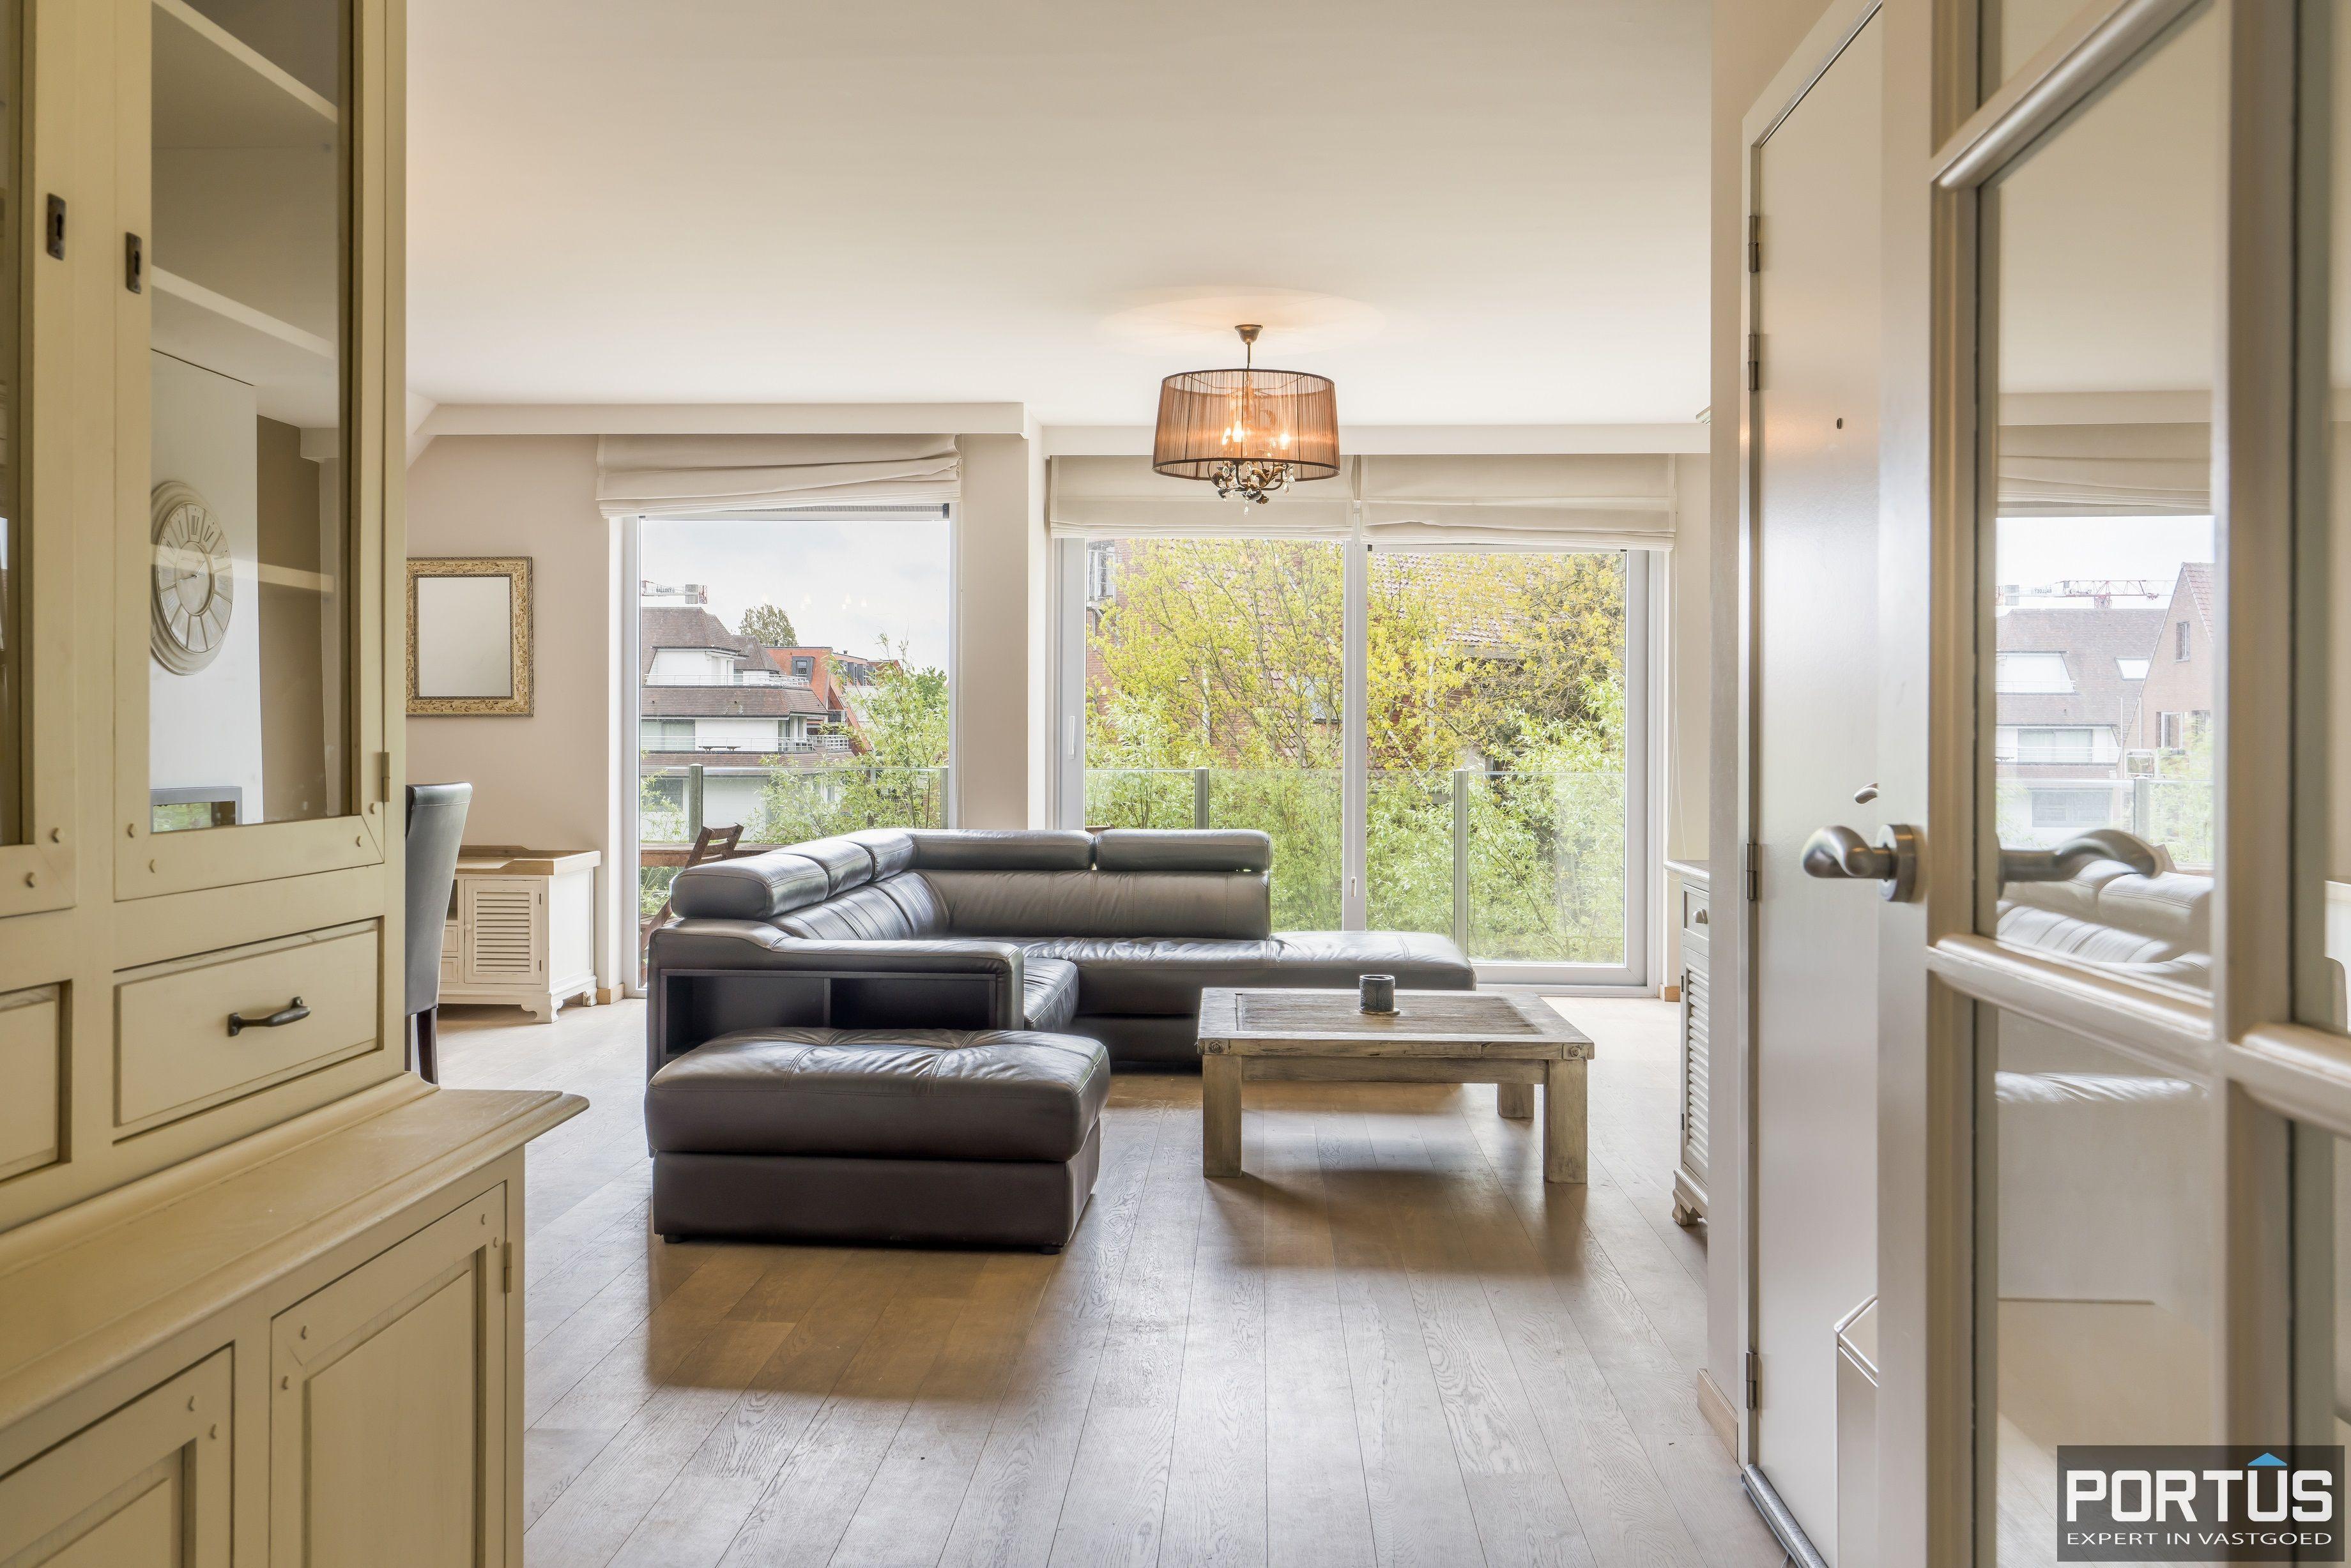 Appartement te koop te Nieuwpoort met 4 slaapkamers - 12997